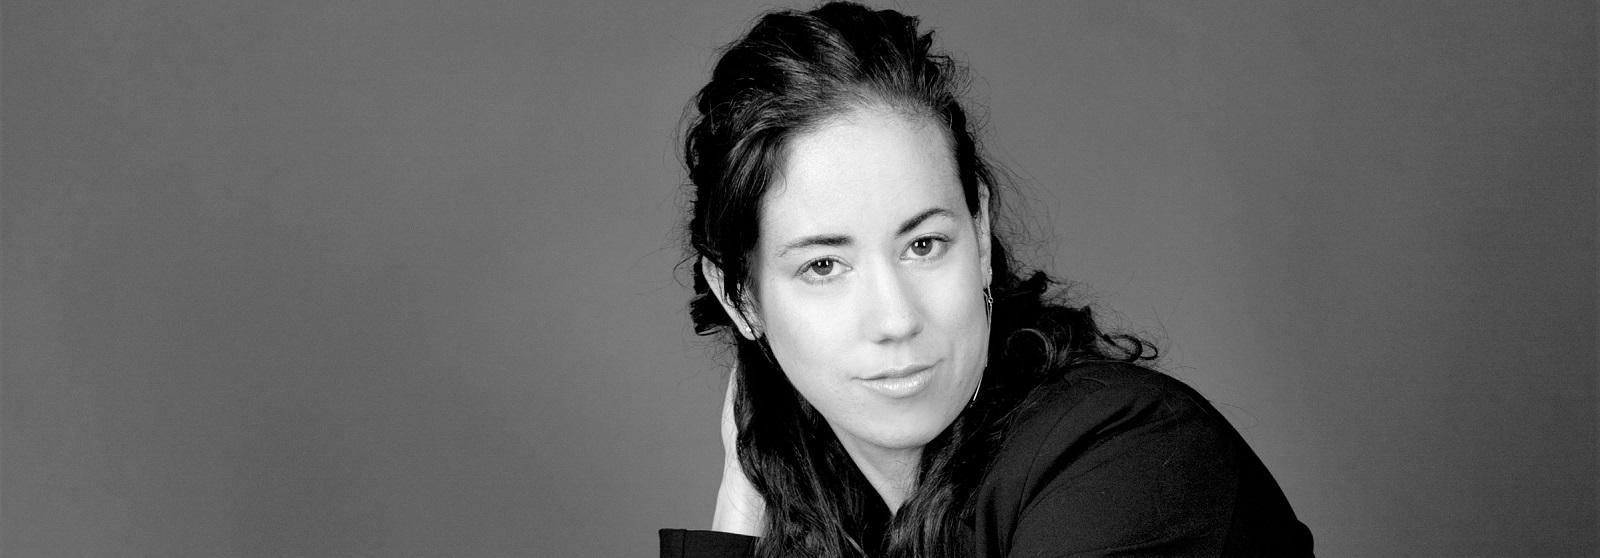 Francesca Aitken